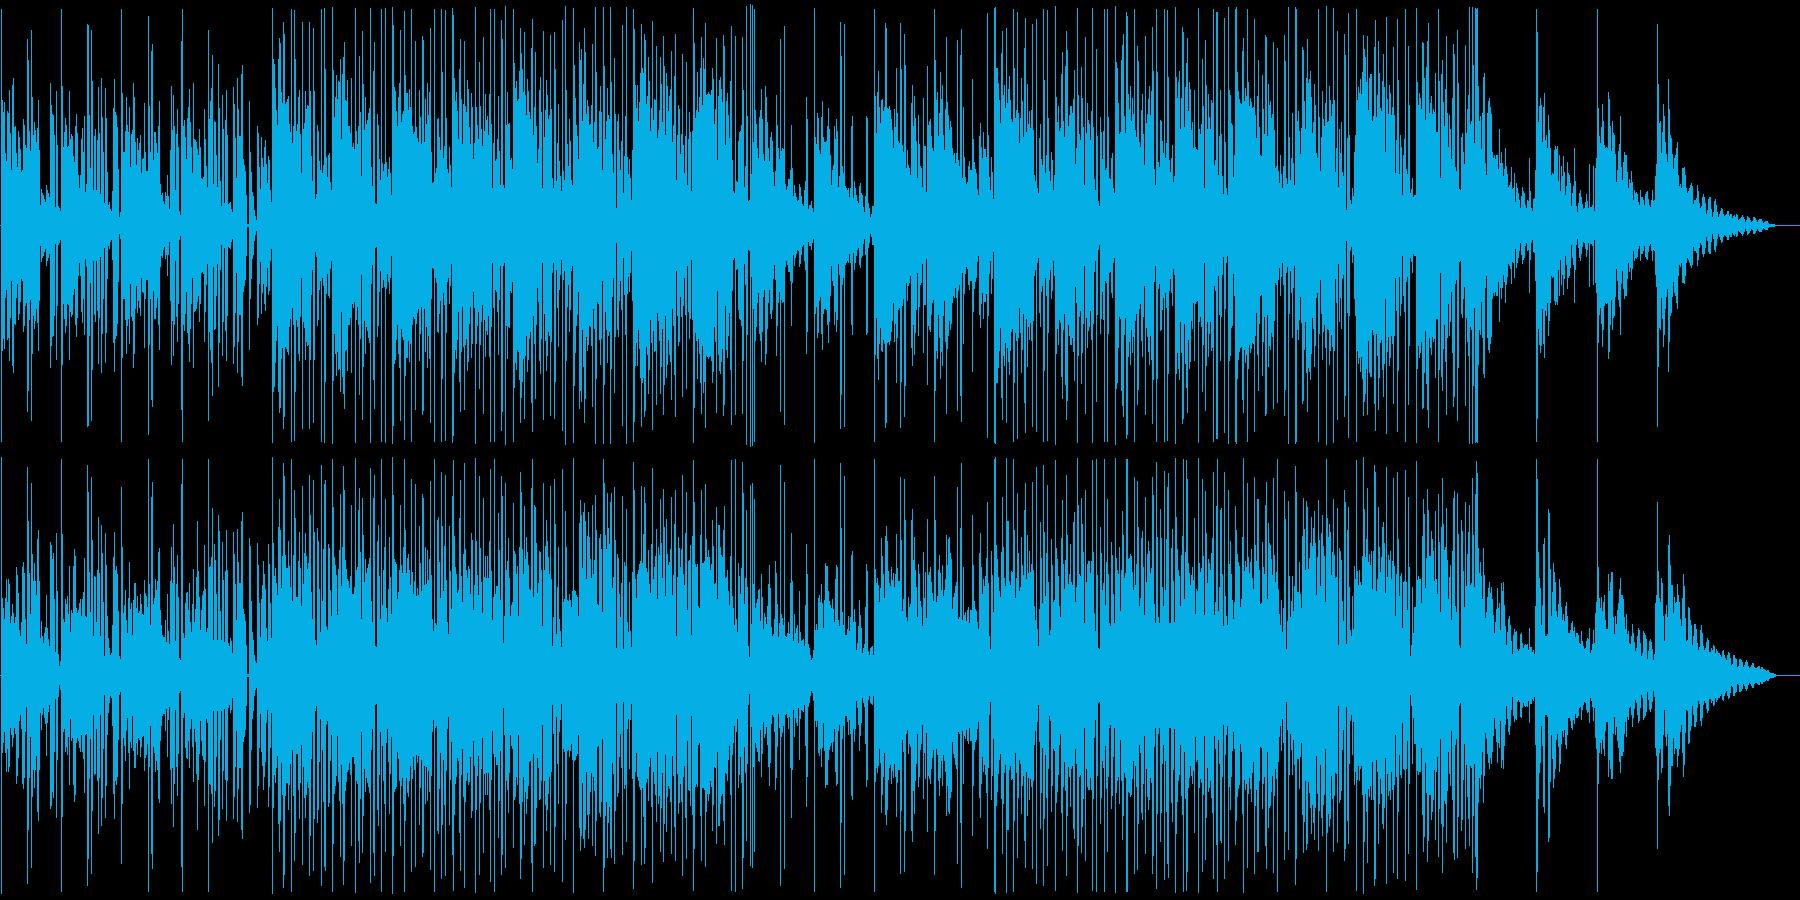 ピアノとギター/しっとり,お洒落なR&Bの再生済みの波形